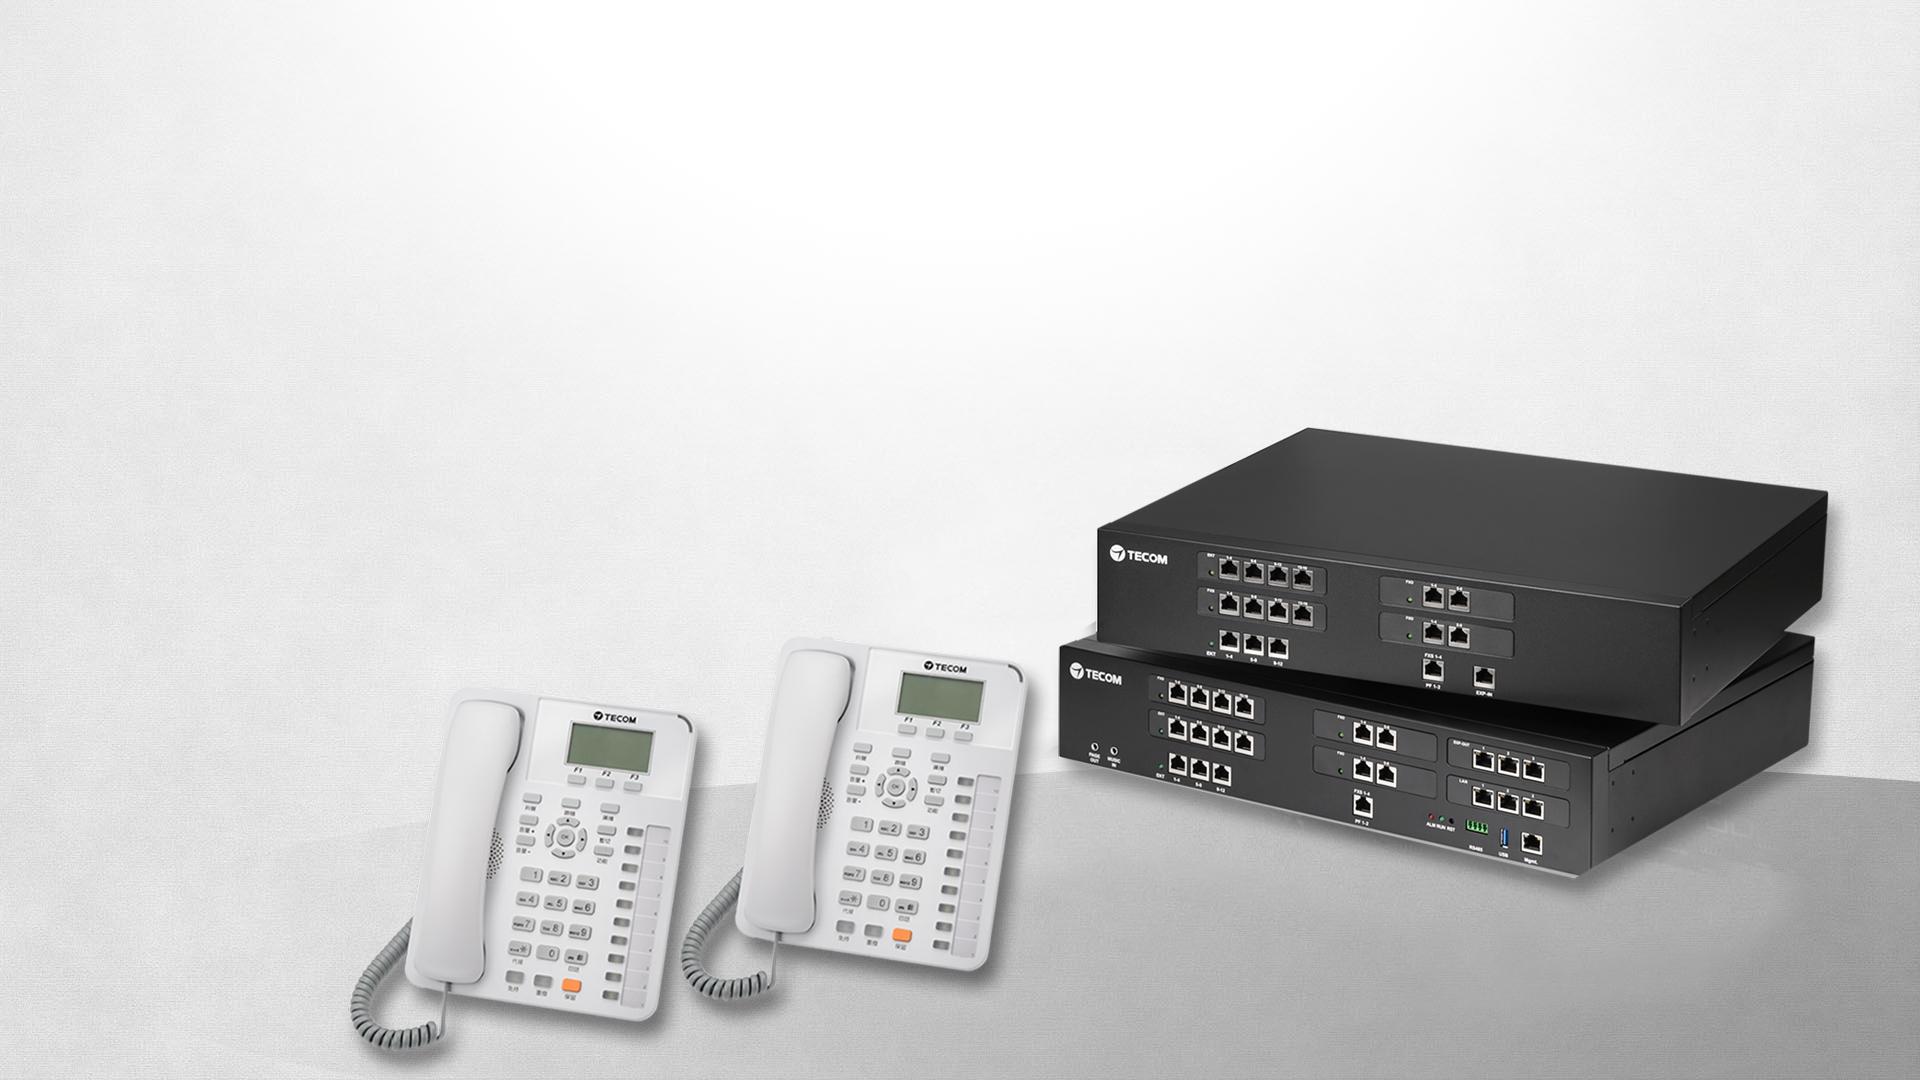 東訊 SDX500 融合式商務總機